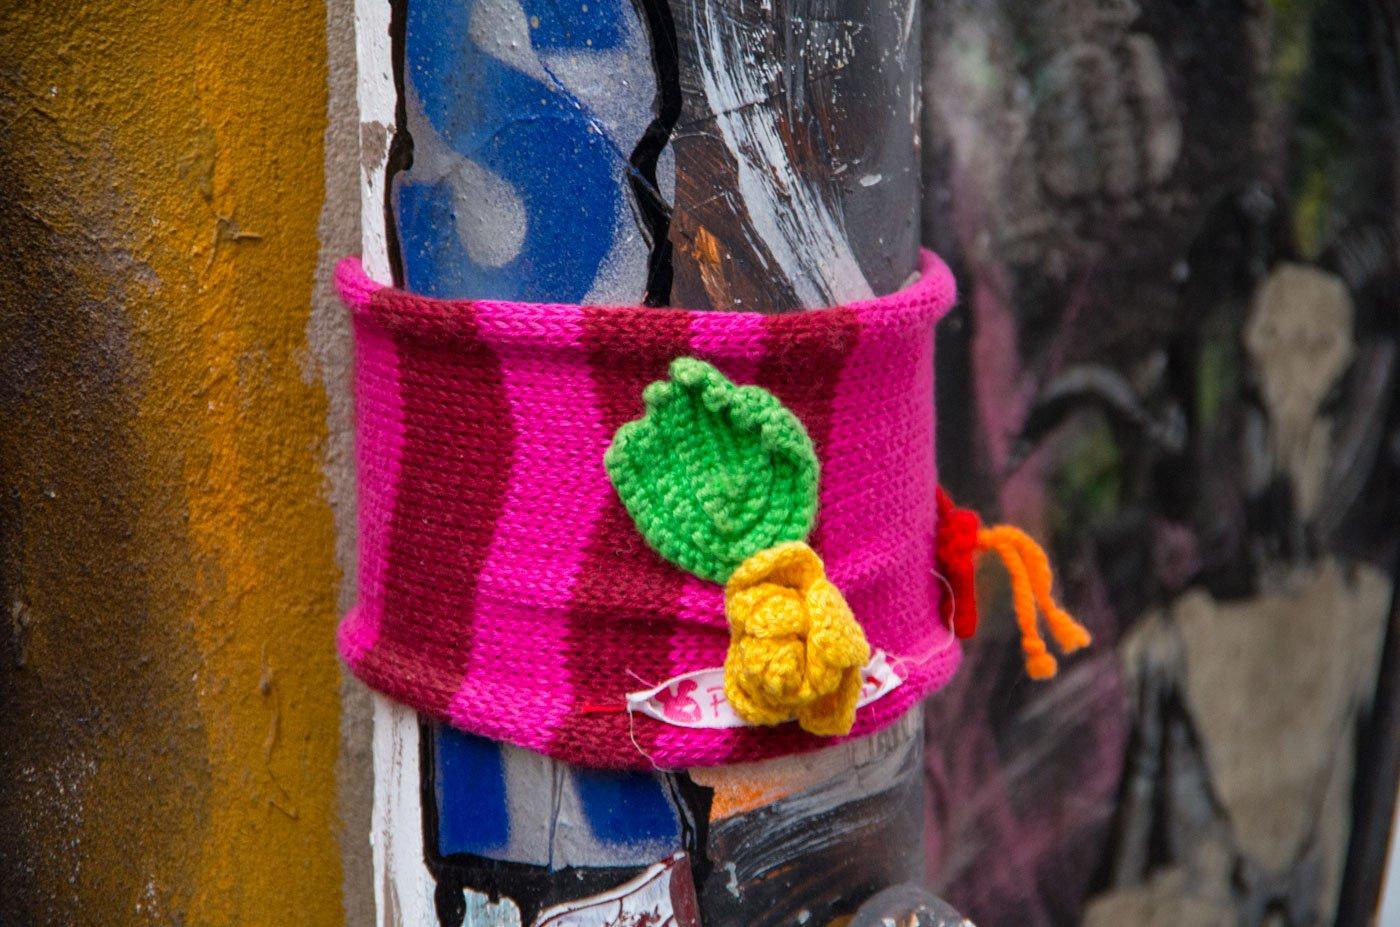 Bei näherem Hinsehen entpuppt sich dieses urban knitting werk als Werbunng für einen Woll-Laden.